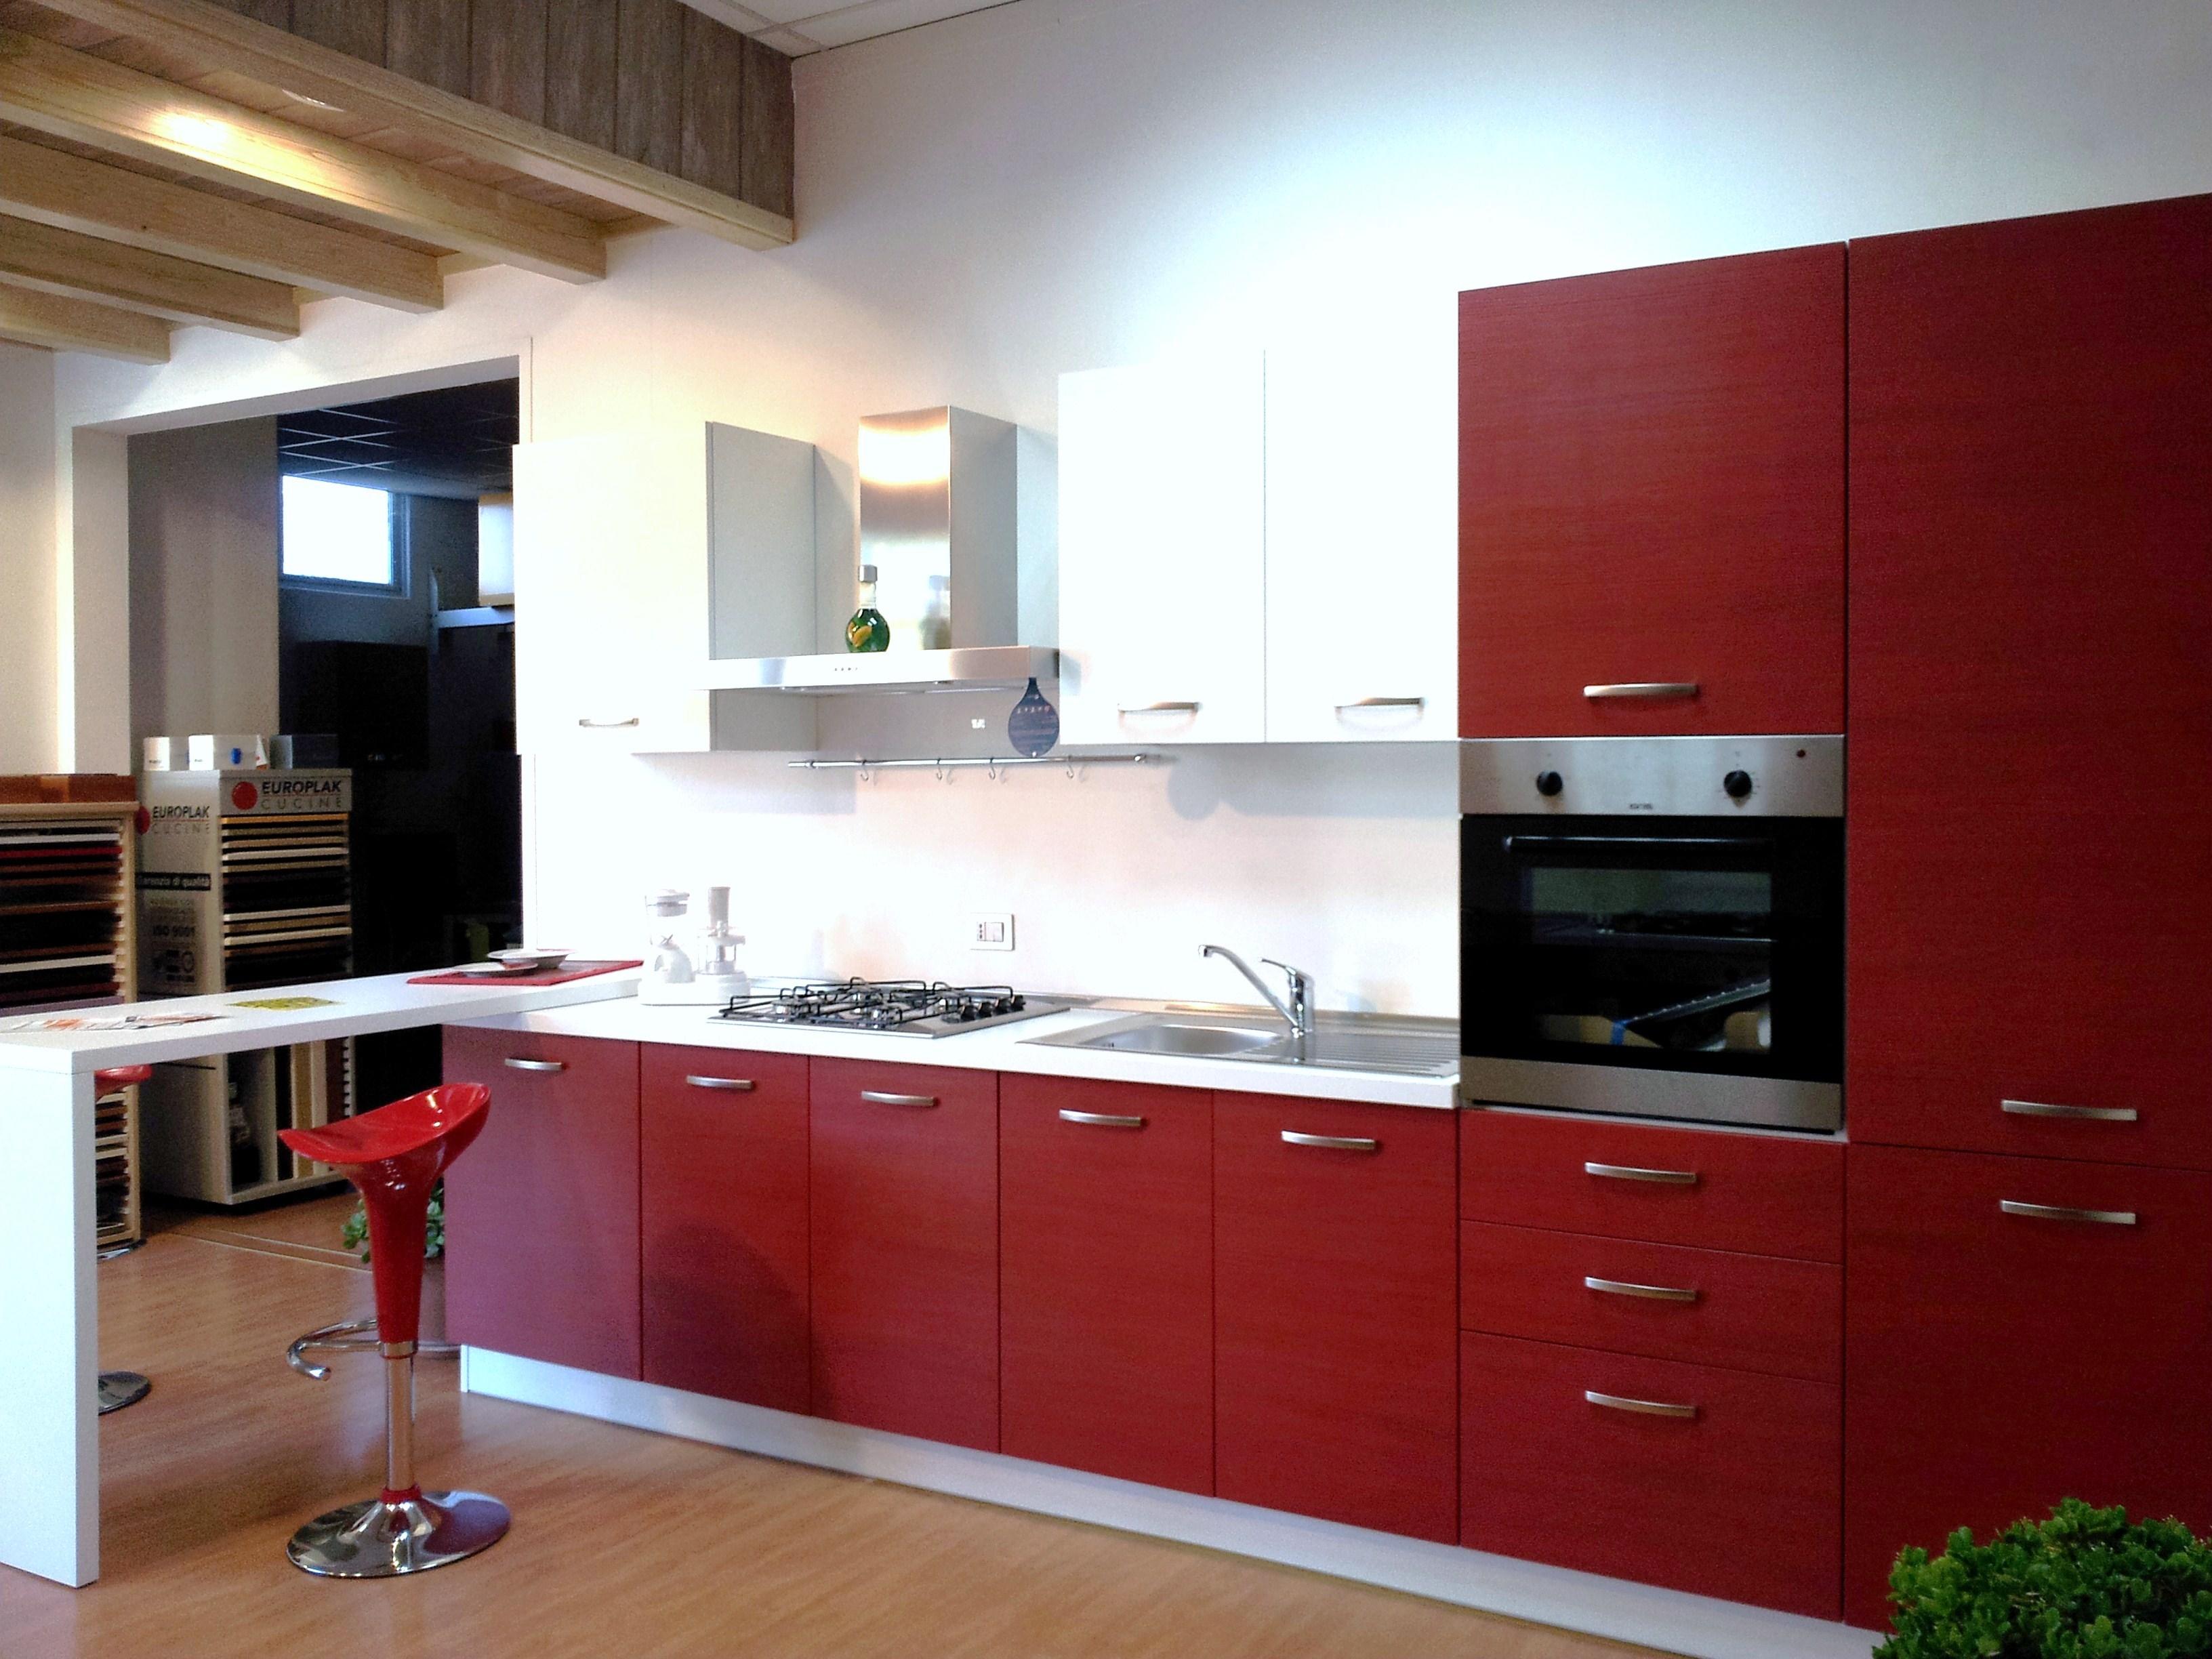 Cucina moderna con penisola cucine a prezzi scontati - Prezzi cucine moderne ...